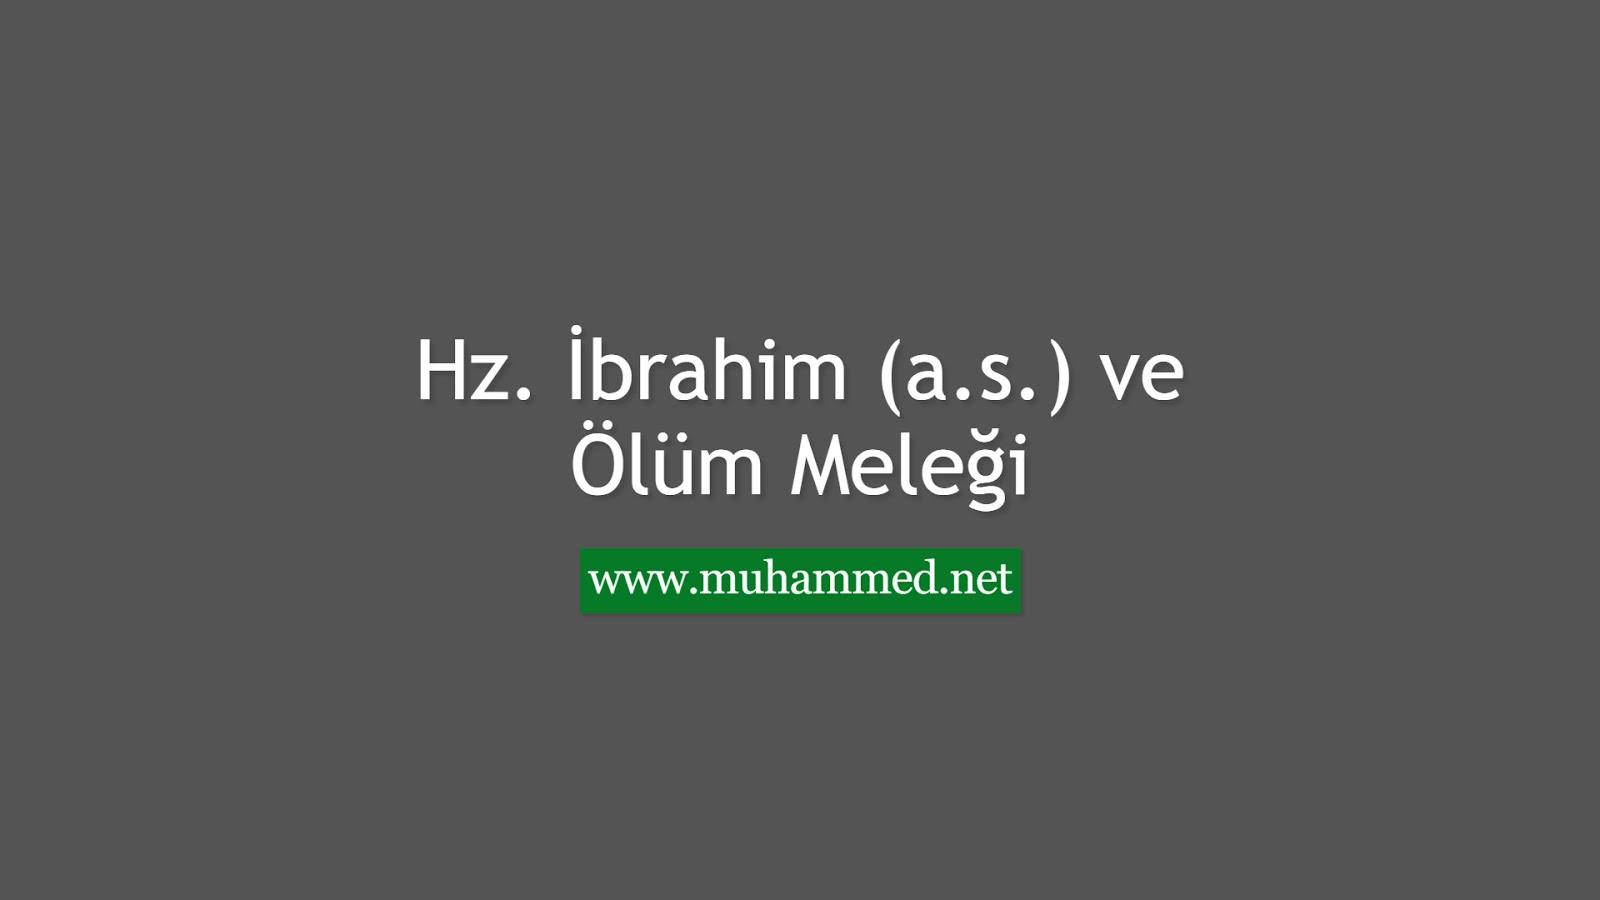 Hz. İbrahim (a.s.) ve Ölüm Meleği